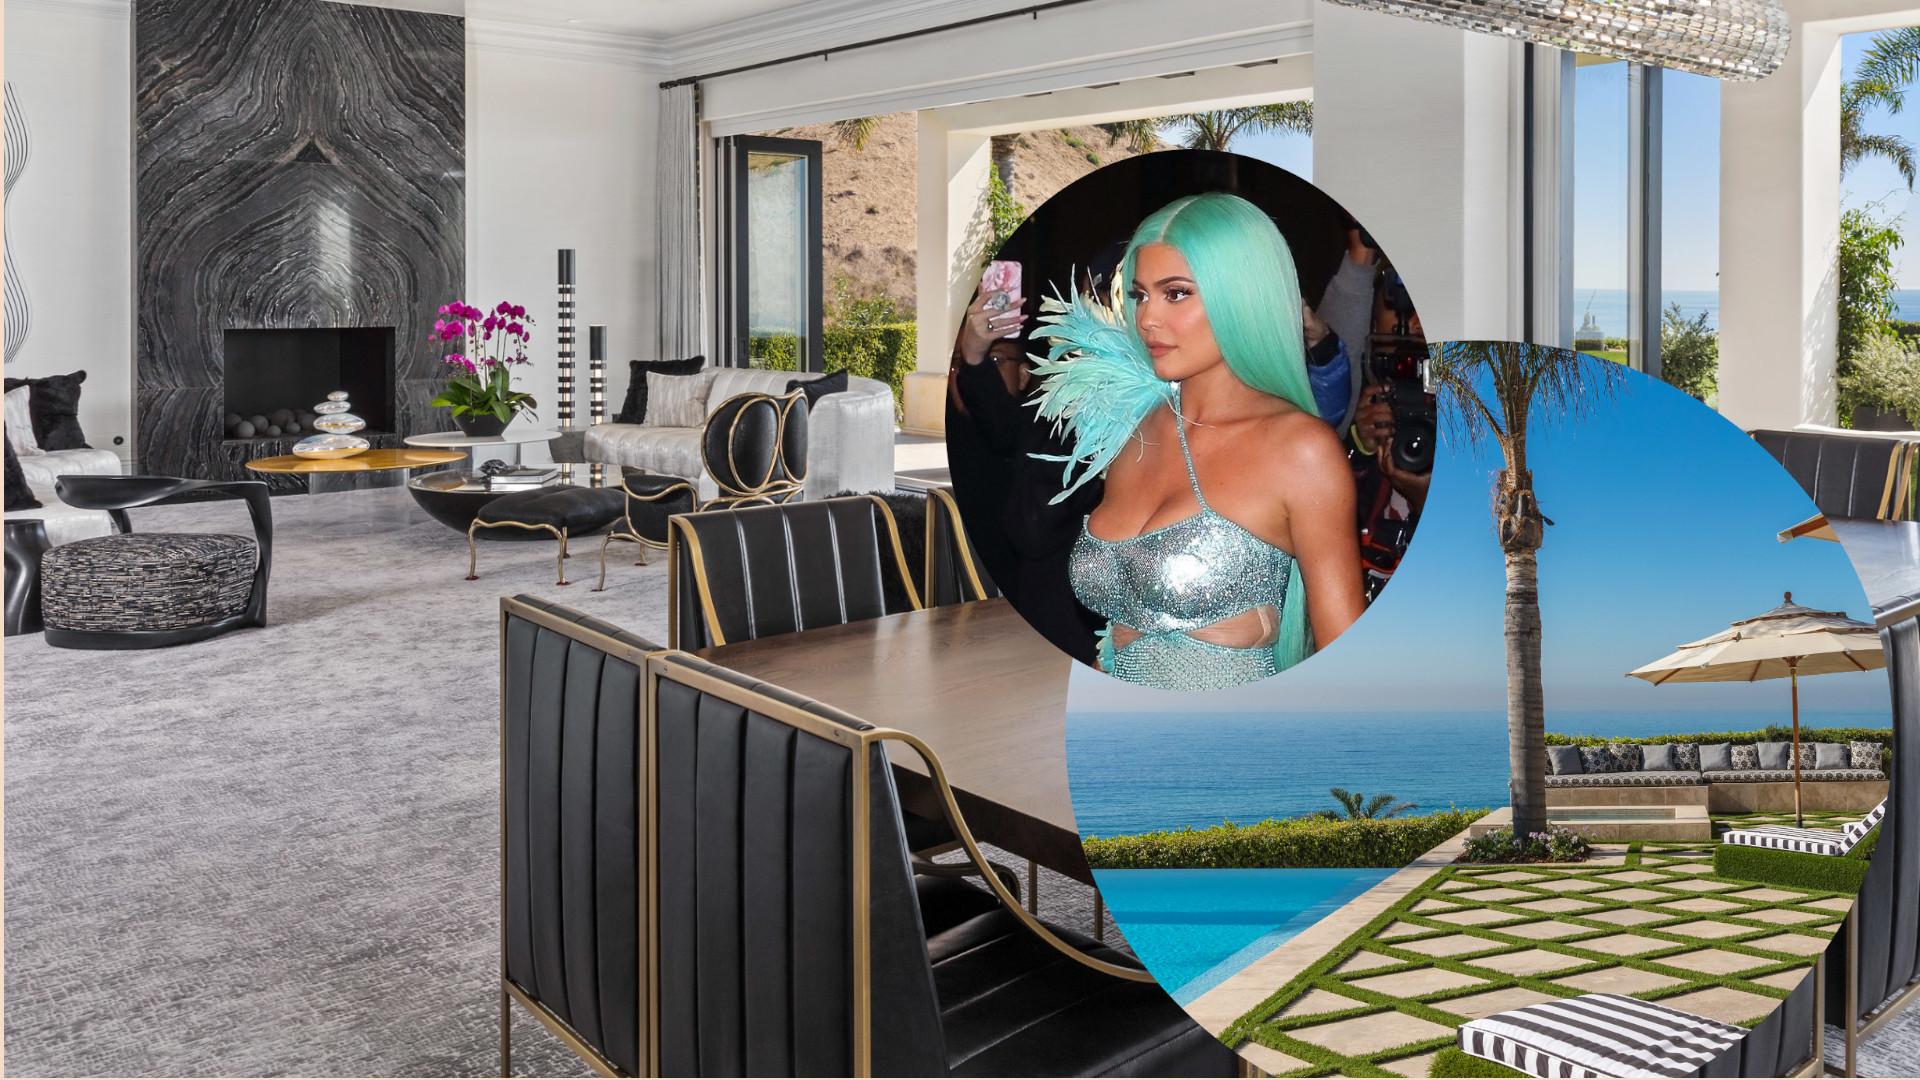 Biało-stalowa kuchnia, luksusowy salon – zobaczcie DOM Kylie Jenner w Malibu